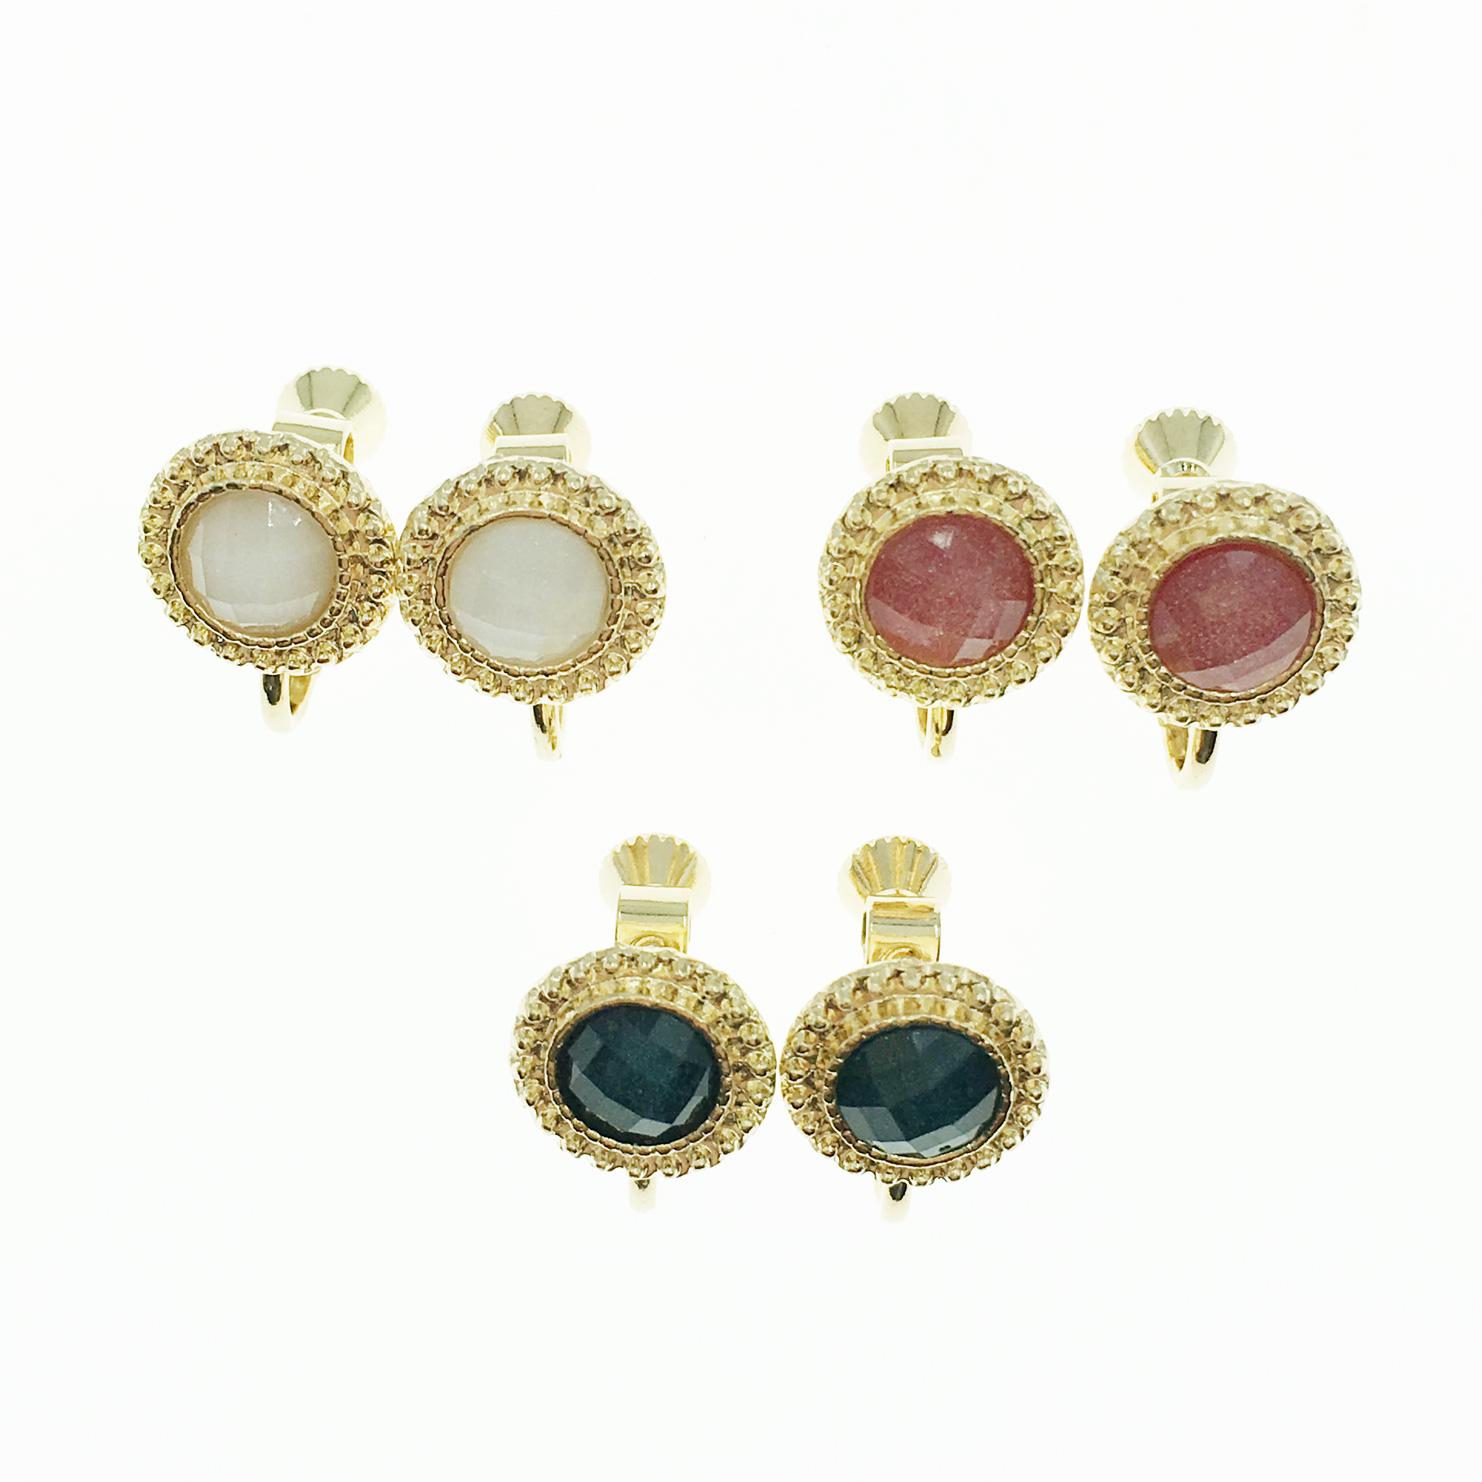 韓國 閃亮涼感寶石 圓 金邊金框 3色 夾式耳環